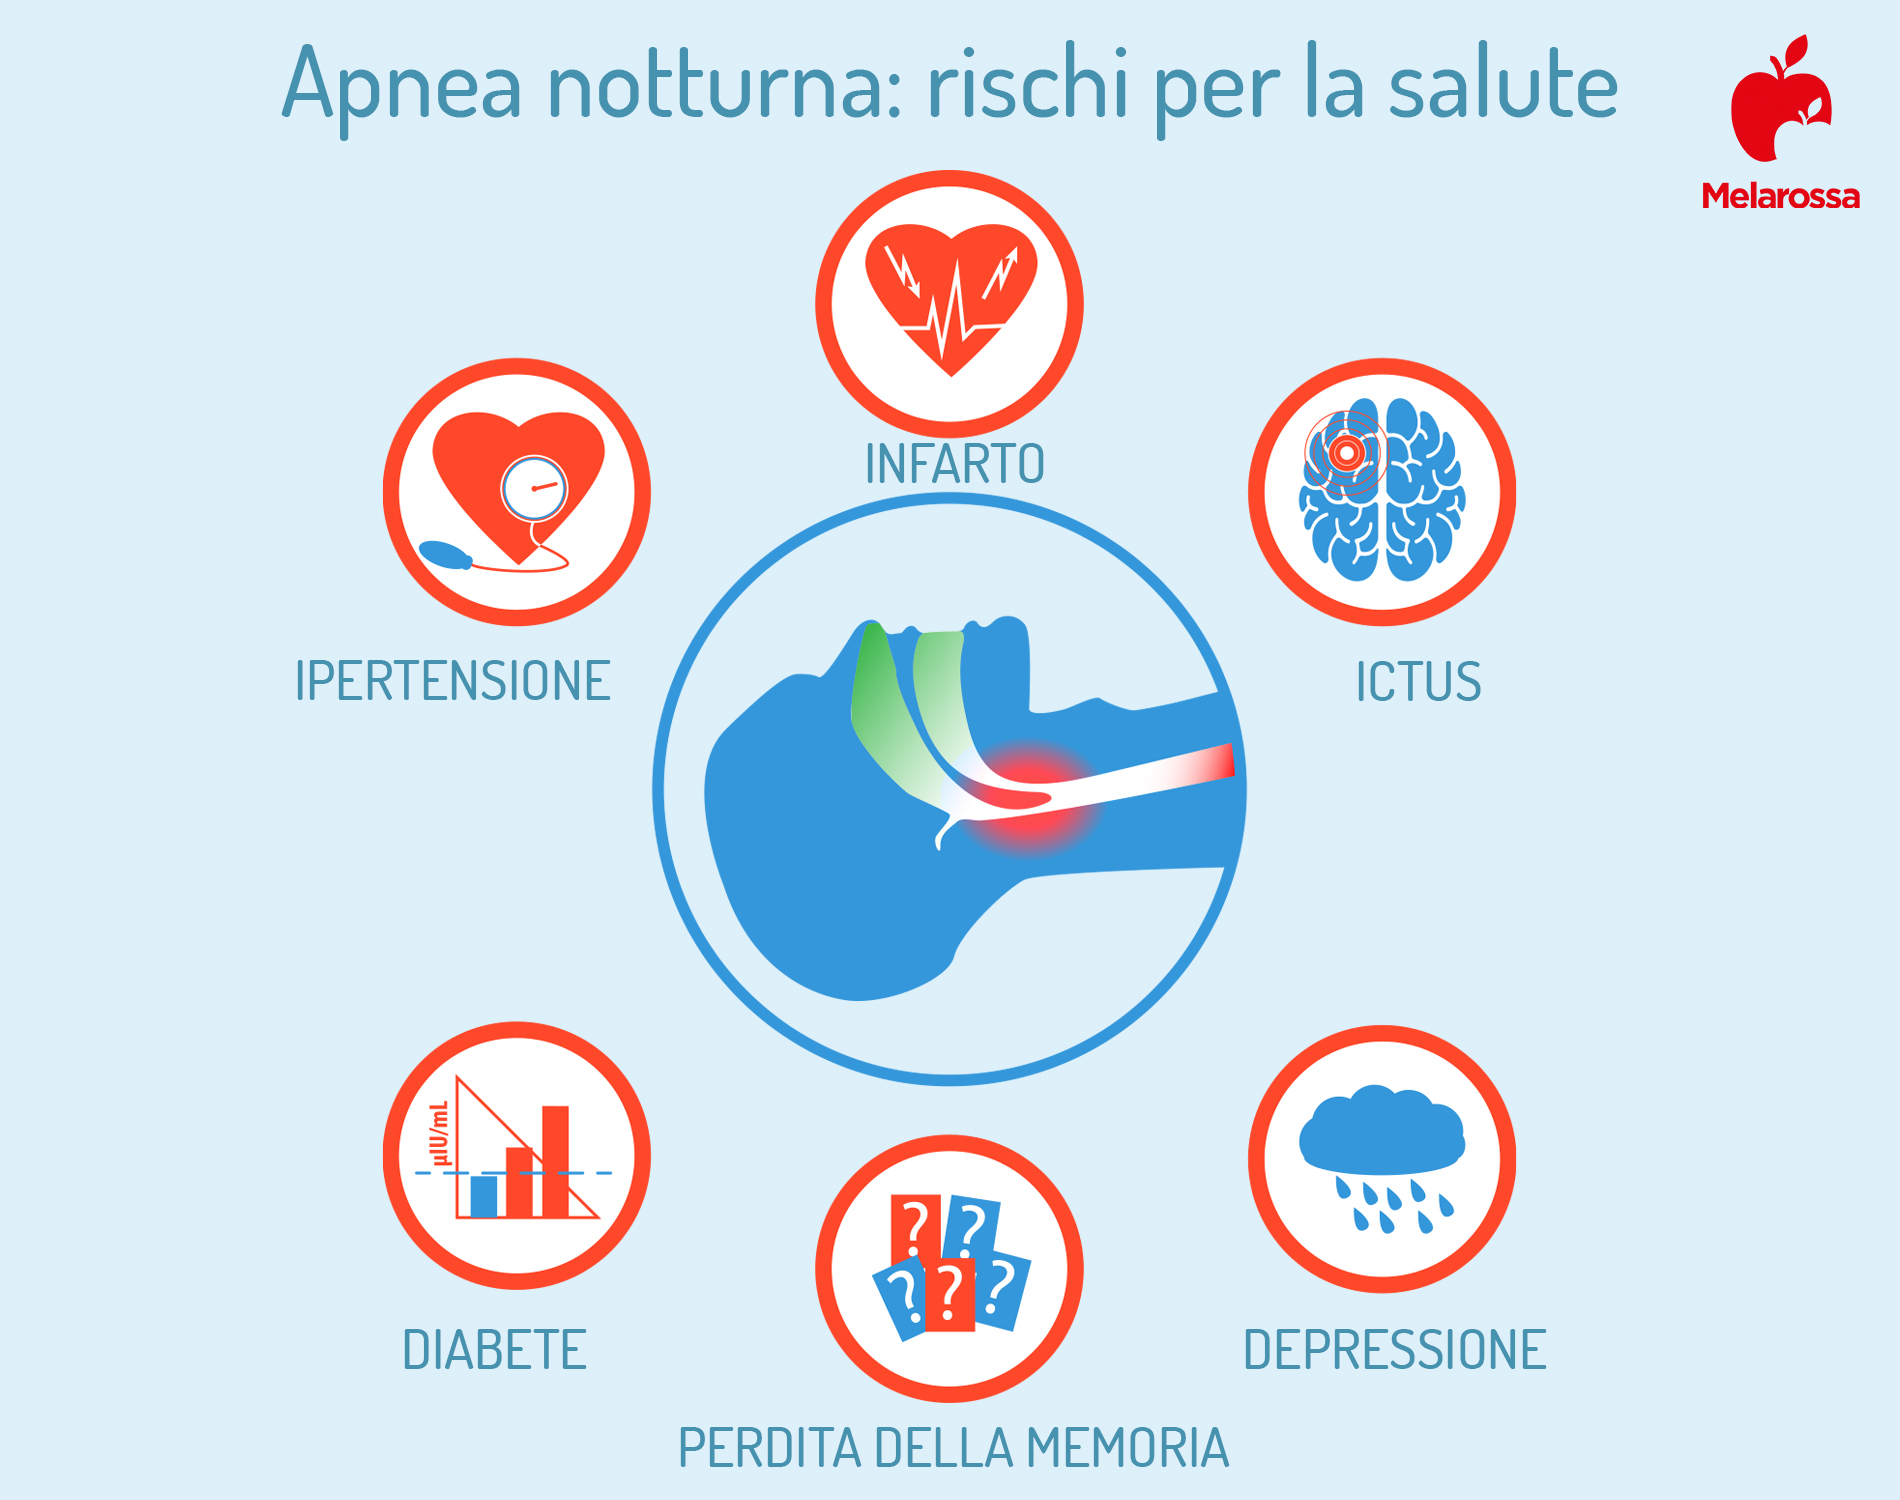 apnea notturna: rischi per la salute